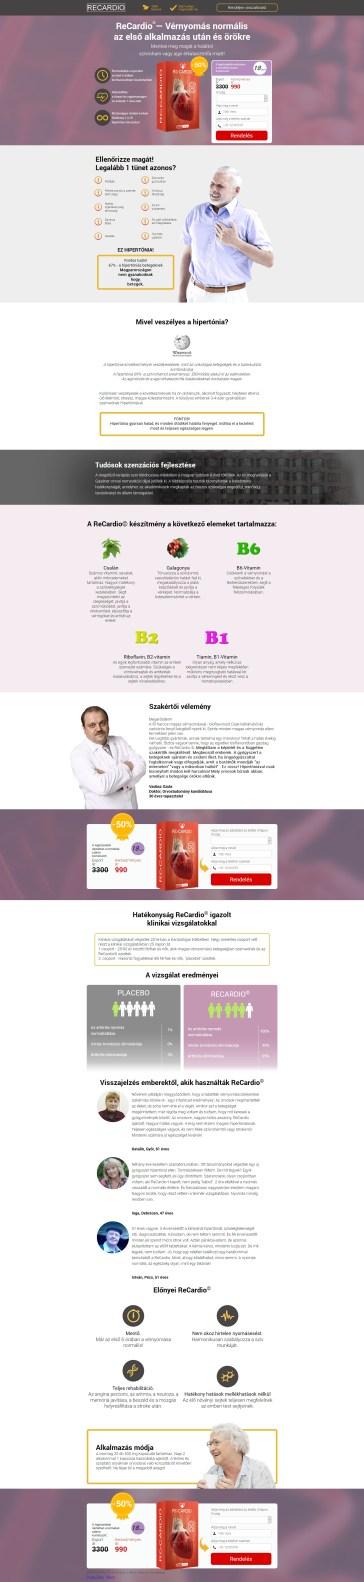 tarkó hipertónia magas vérnyomás kezelés cseh köztársaság